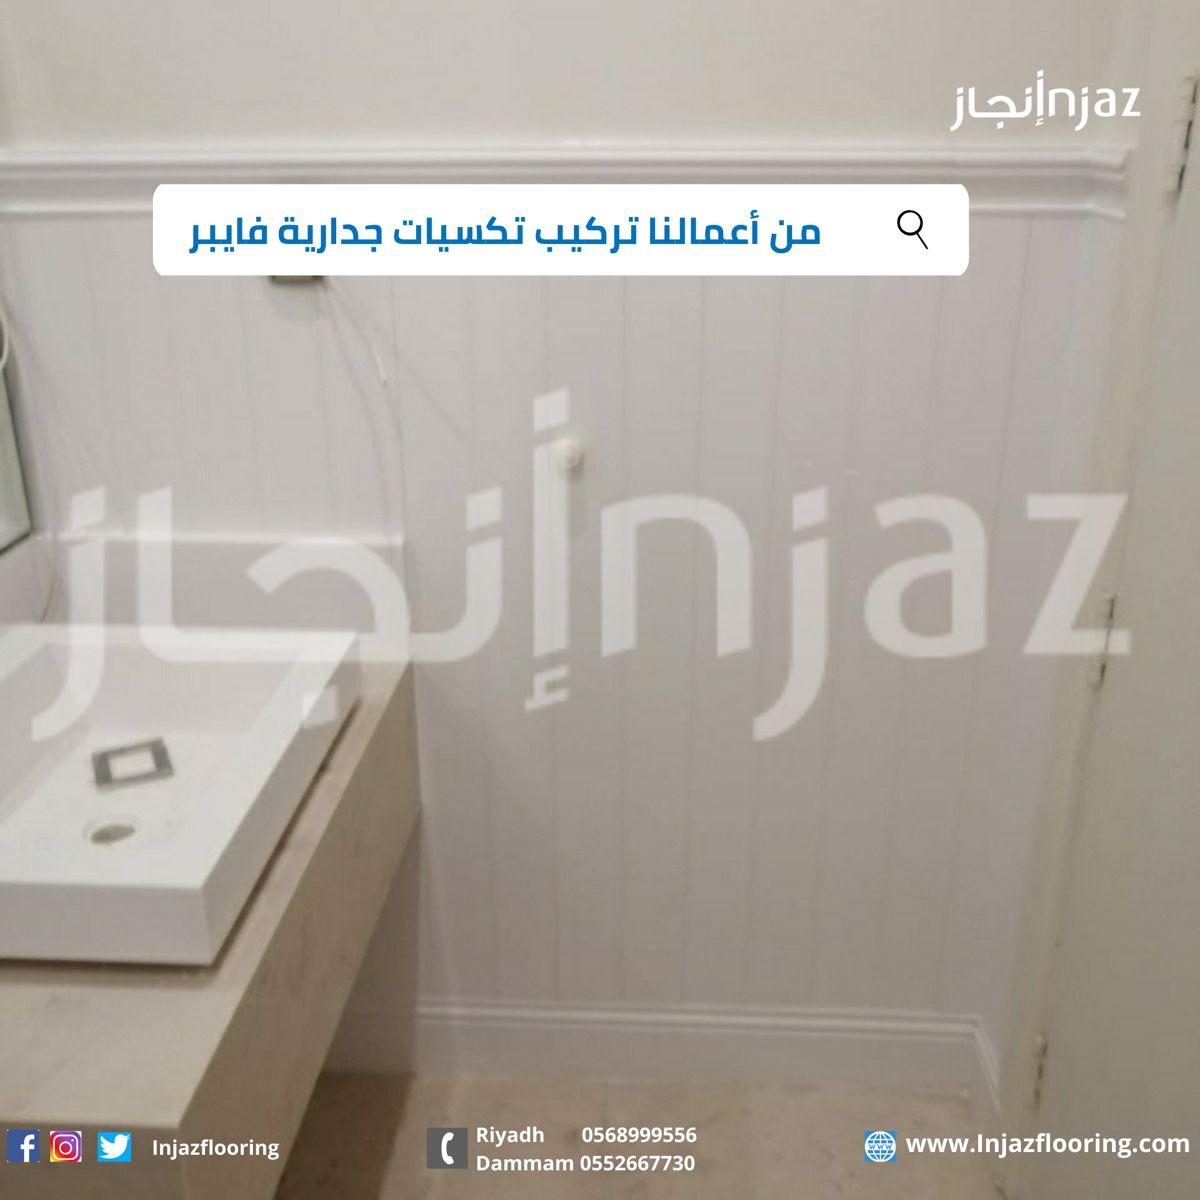 تكسيات جدارية داخلية مع التركيب في الرياض Home Decor Decals Decor Home Decor